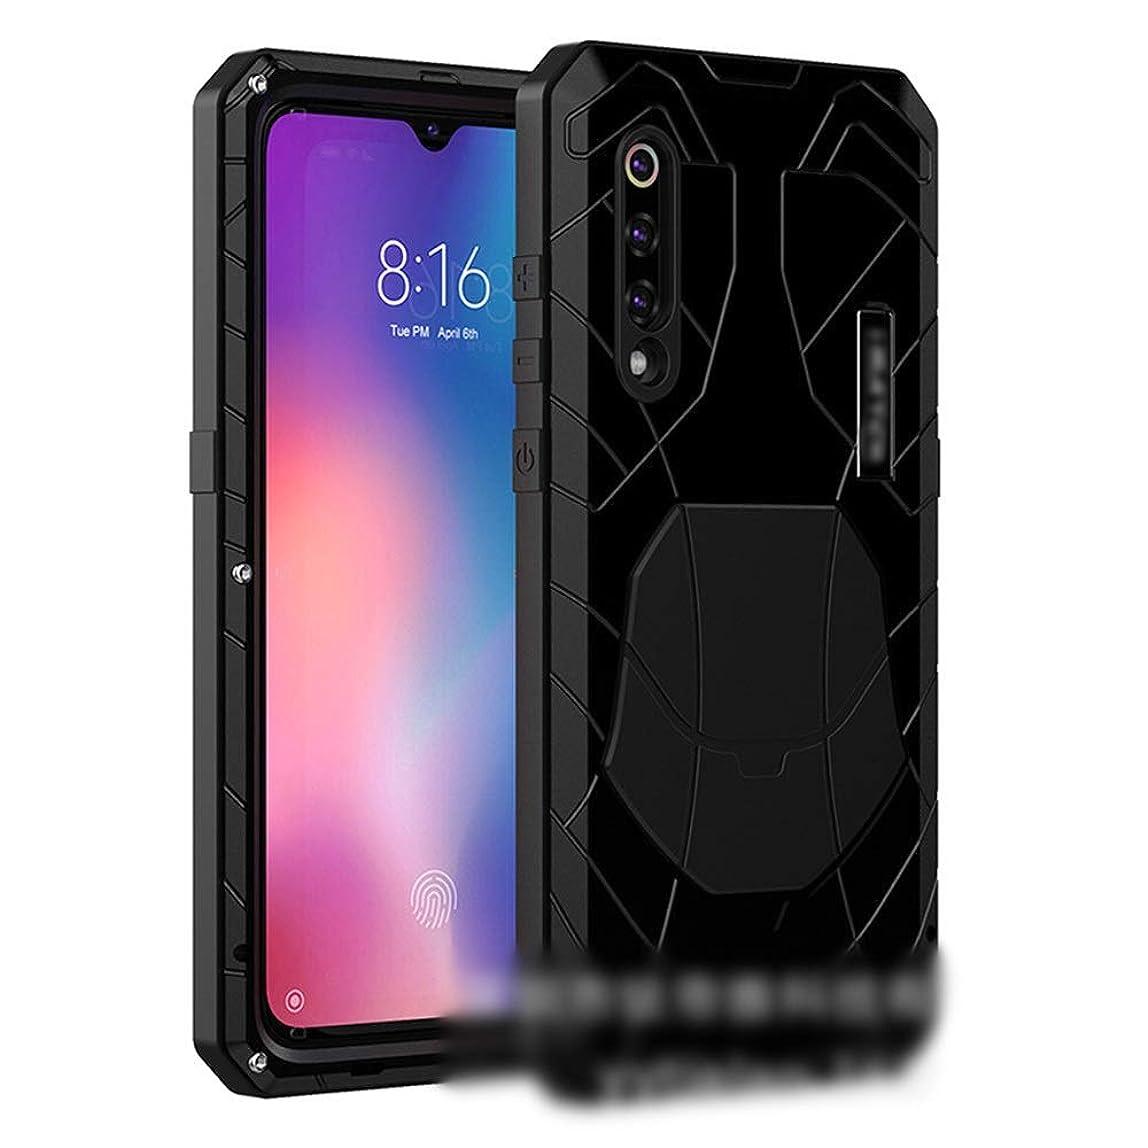 いうレジデンスオーナーTonglilili Xiaomi Max3のための3つの反携帯電話の貝の金属の低下の保護袖の電話箱、組合せ、9max、2,8、mix2s、mix2、 (Color : 黒, Edition : Max3)